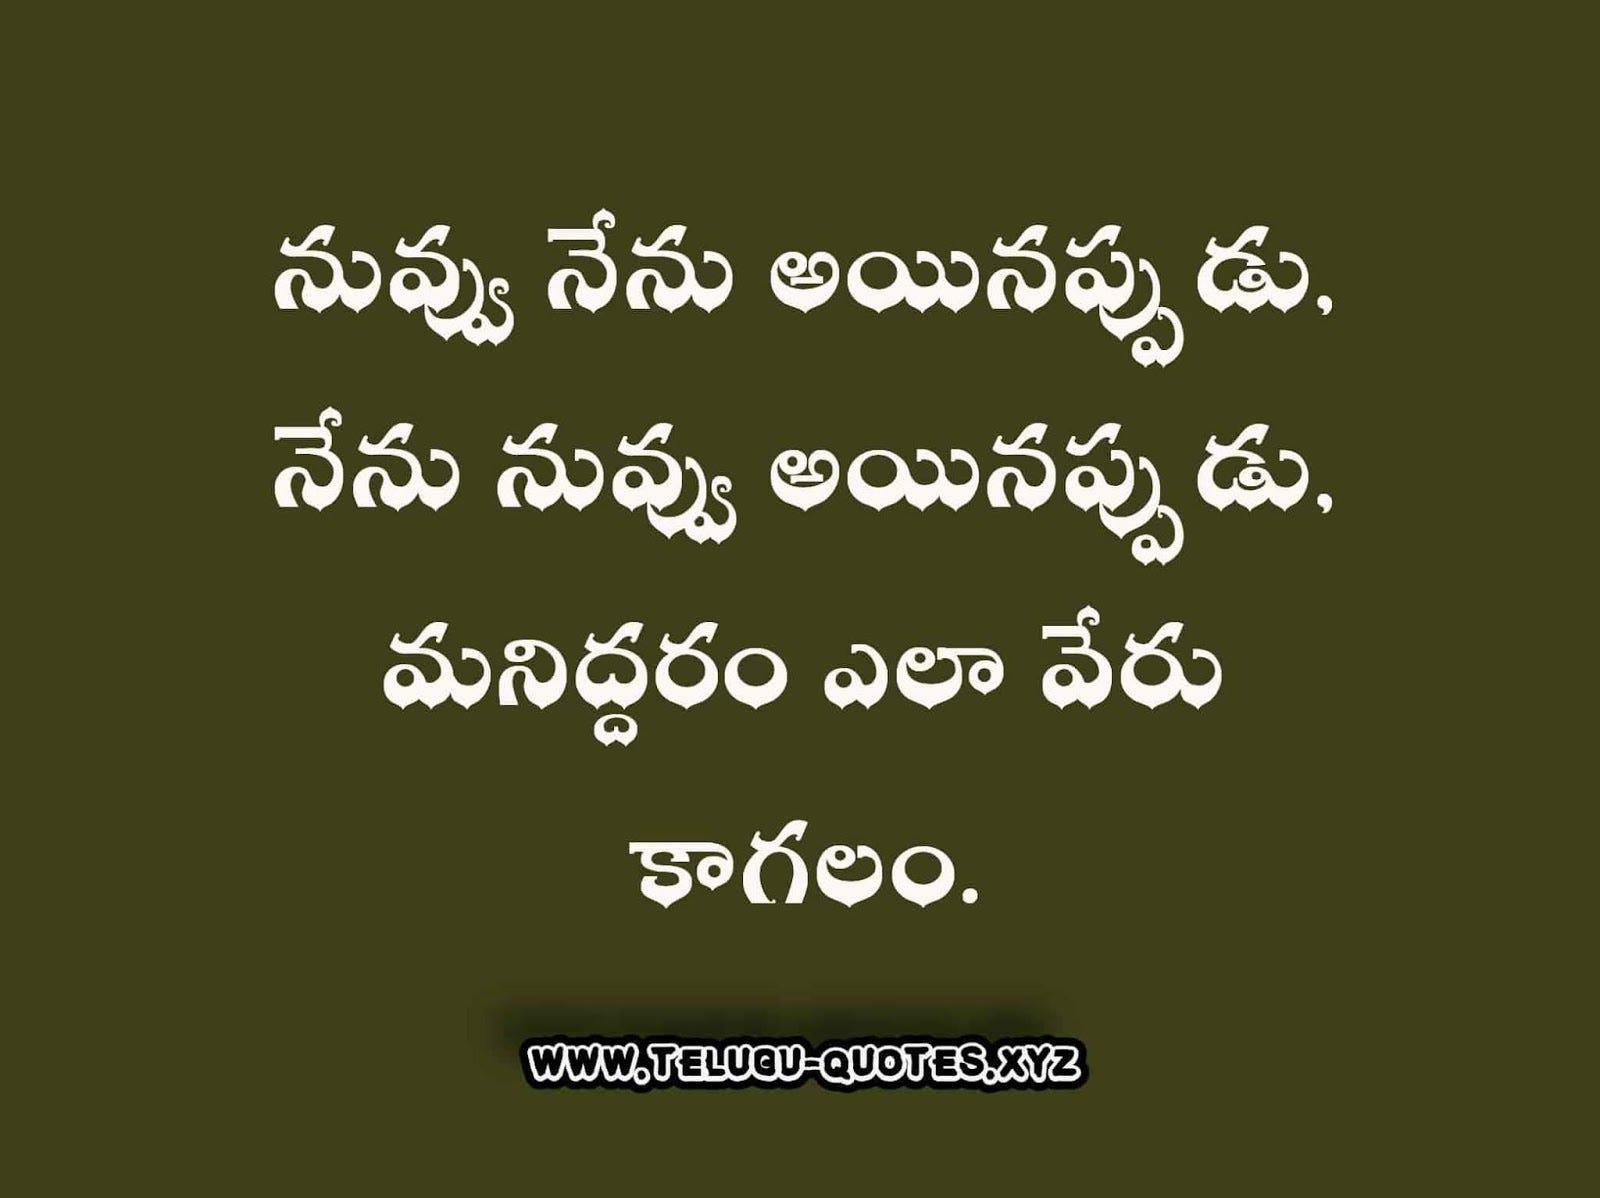 Best Love Quotes In Telugu 2020 Latest Love Quotes Images Download By Telugu Lyrics Medium